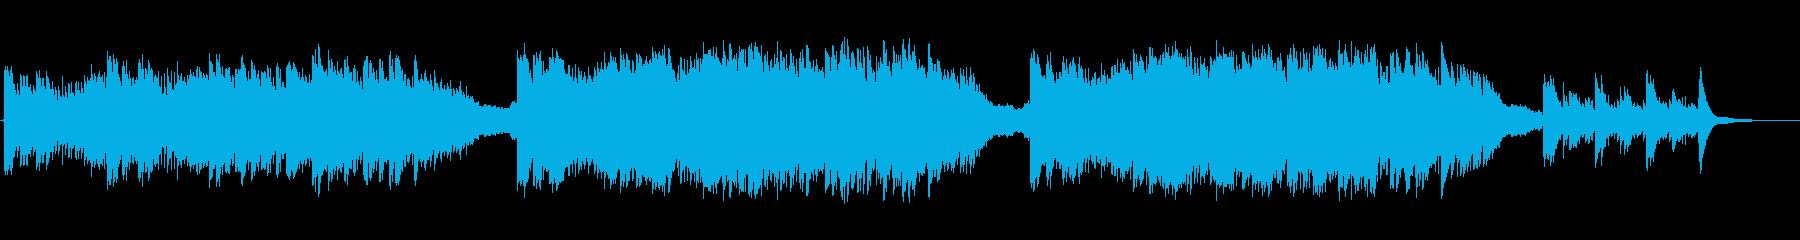 現代の交響曲 感情的 バラード く...の再生済みの波形